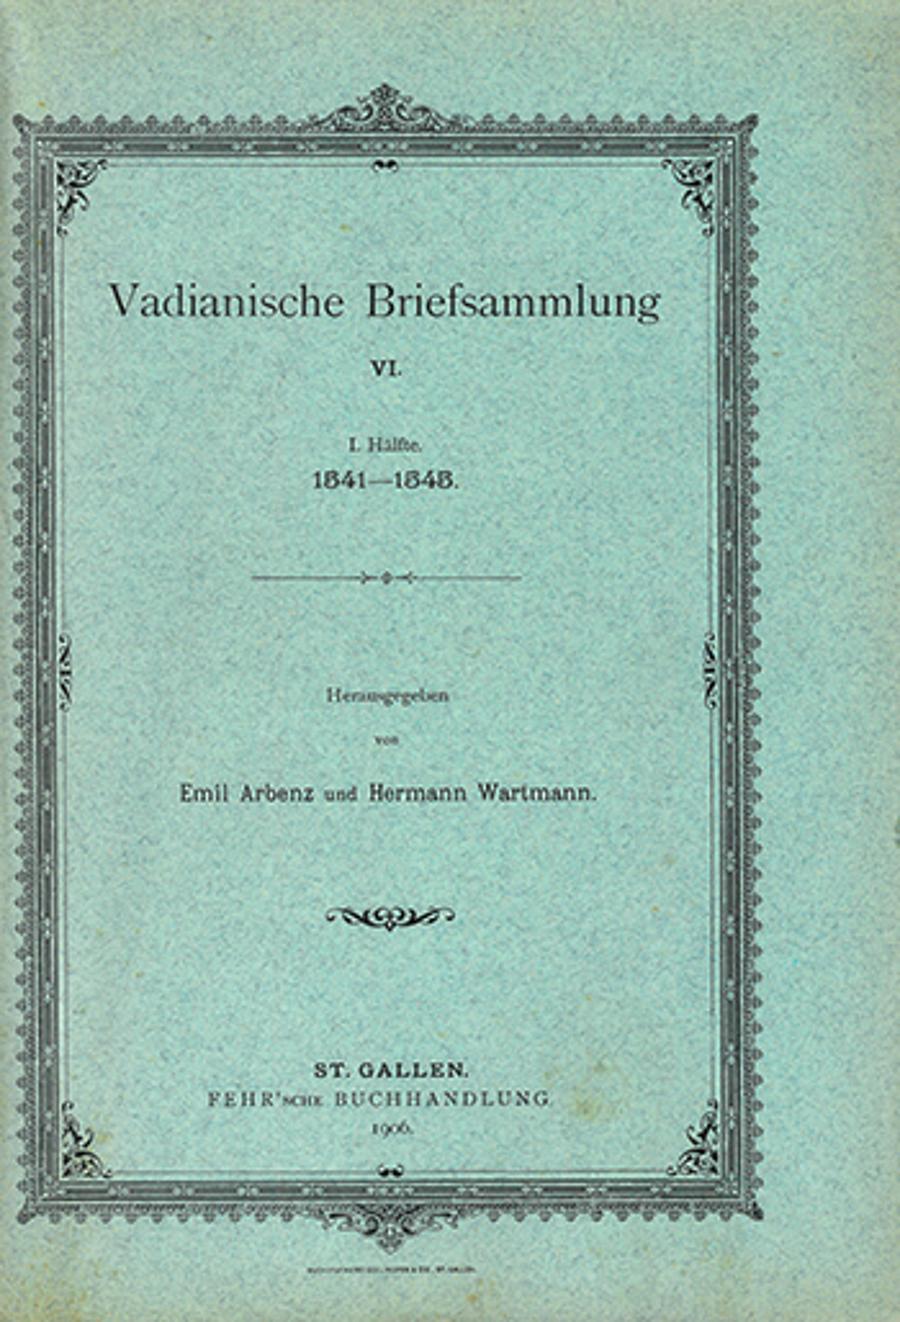 Vadianische Briefsammlung VI.  <p><p>1. Hälfte 1541-1545.